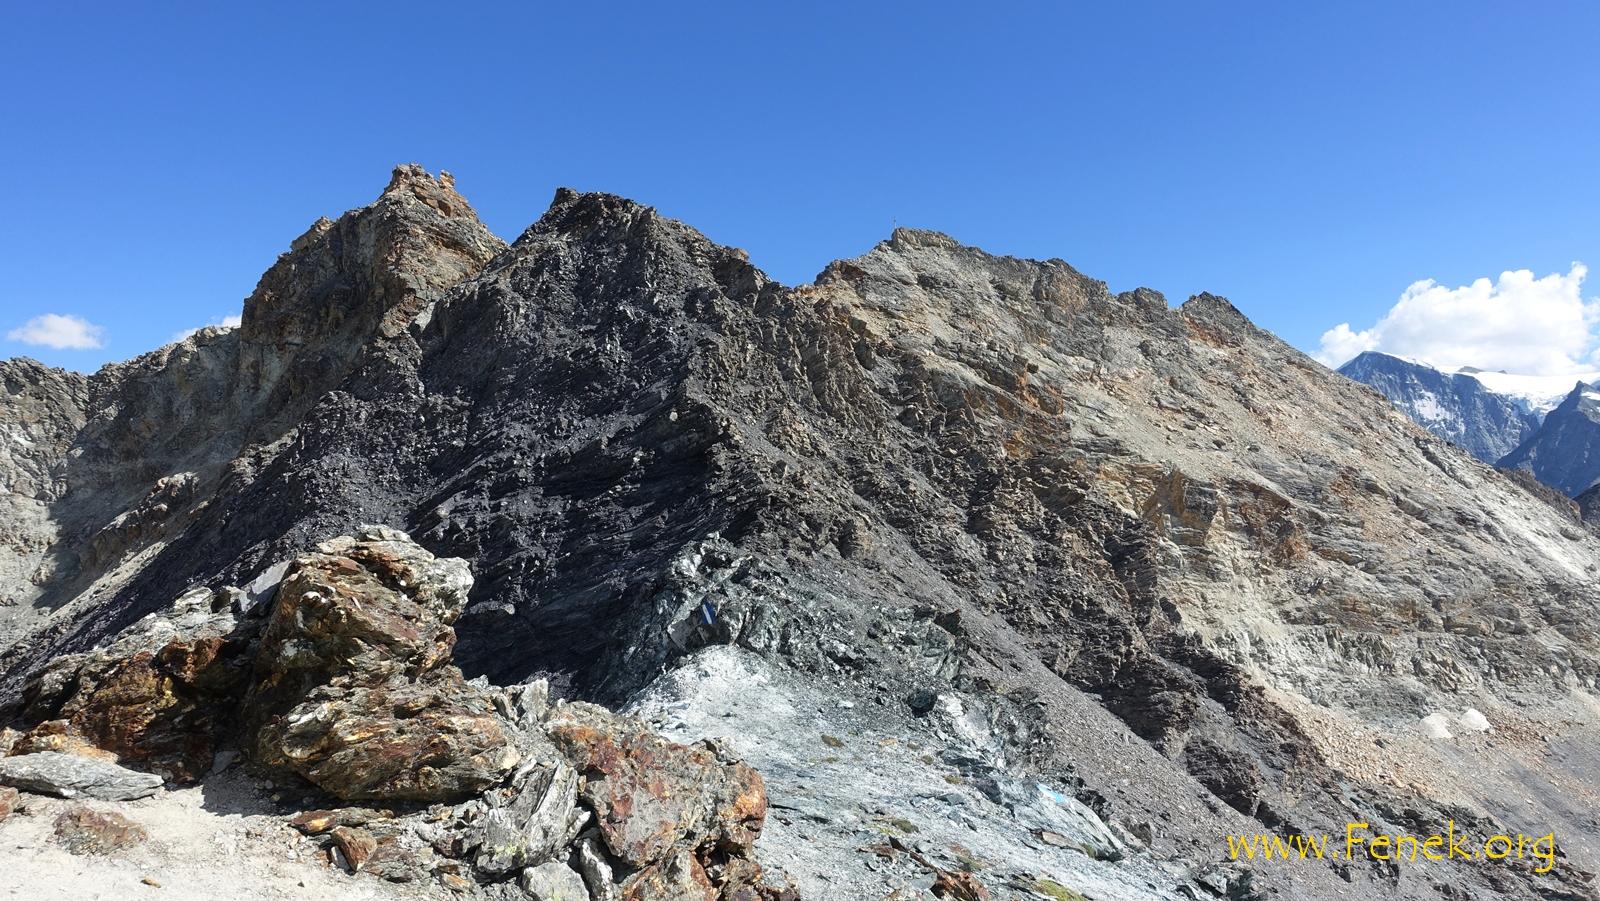 Rückblick auf die beiden Gipfel vom Col des Ignes